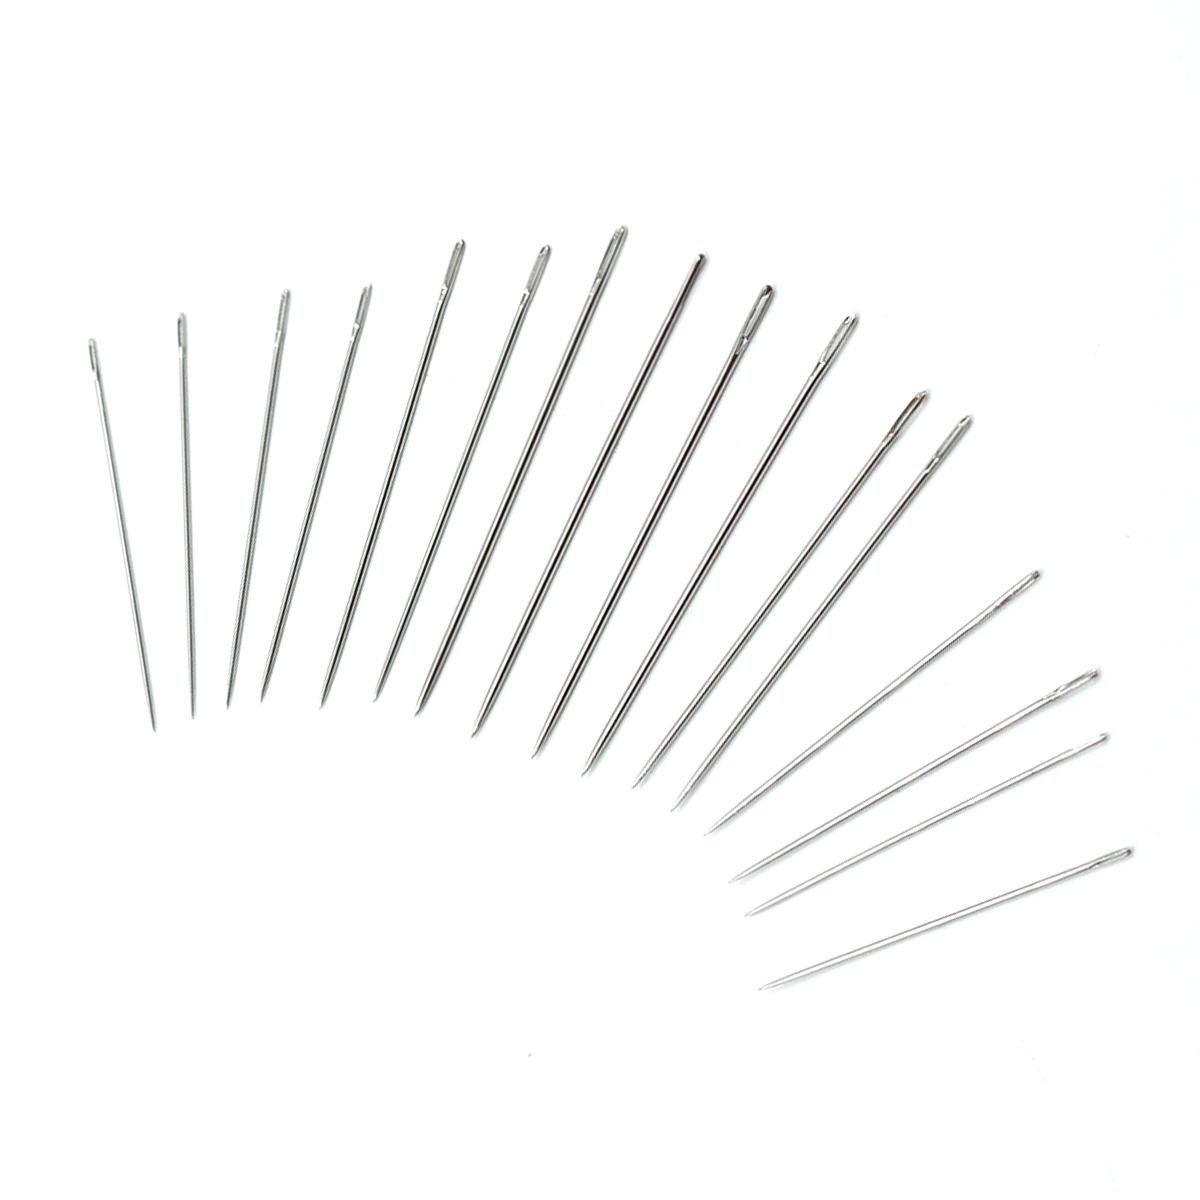 Иглы ручные для тонкой шерсти №5-10, 16шт. 110109, Hobby&Pro